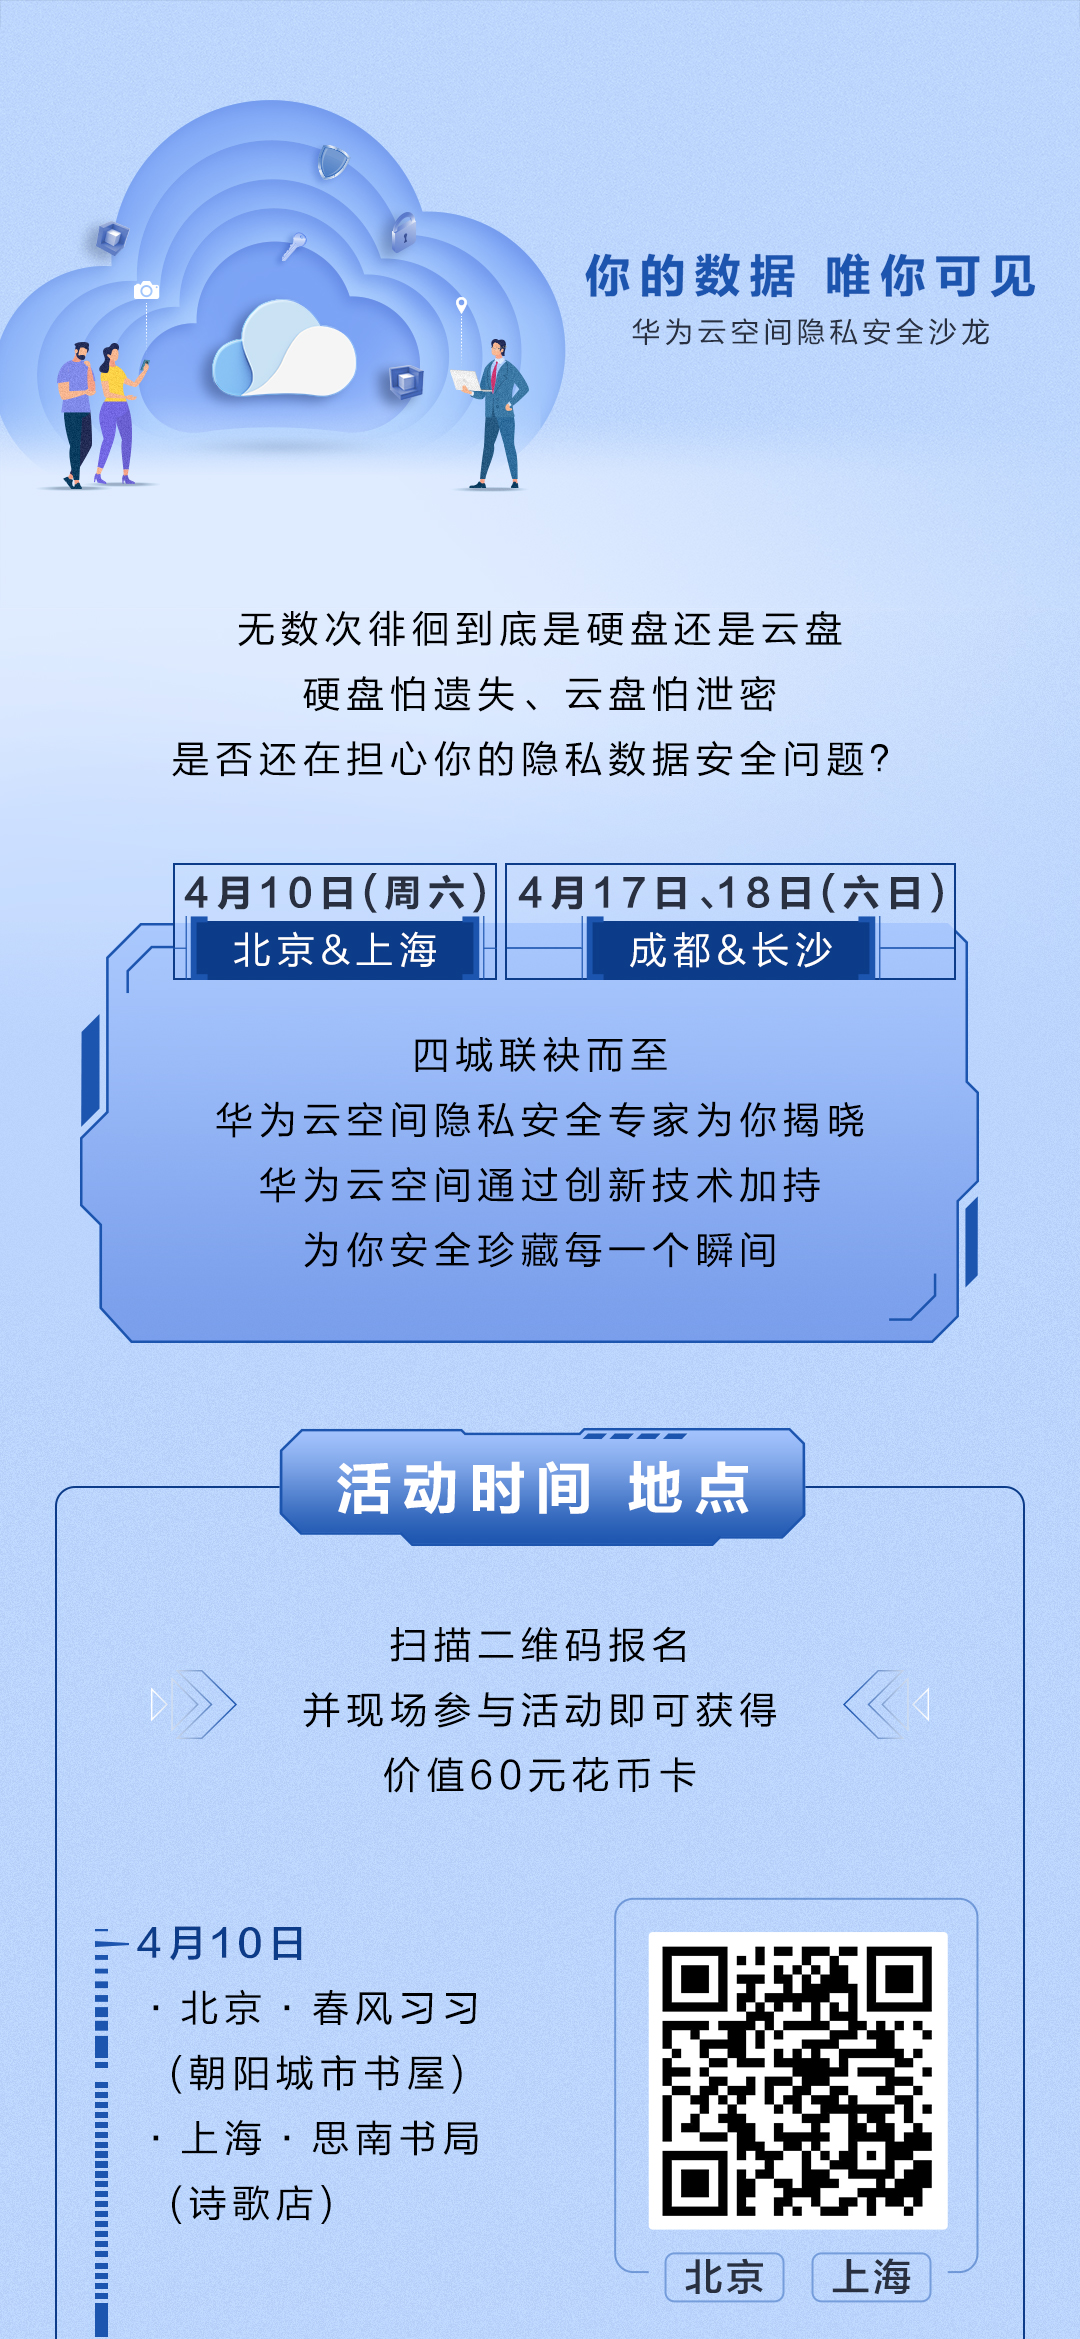 安全隐私-主题活动招募图-1_01.jpg